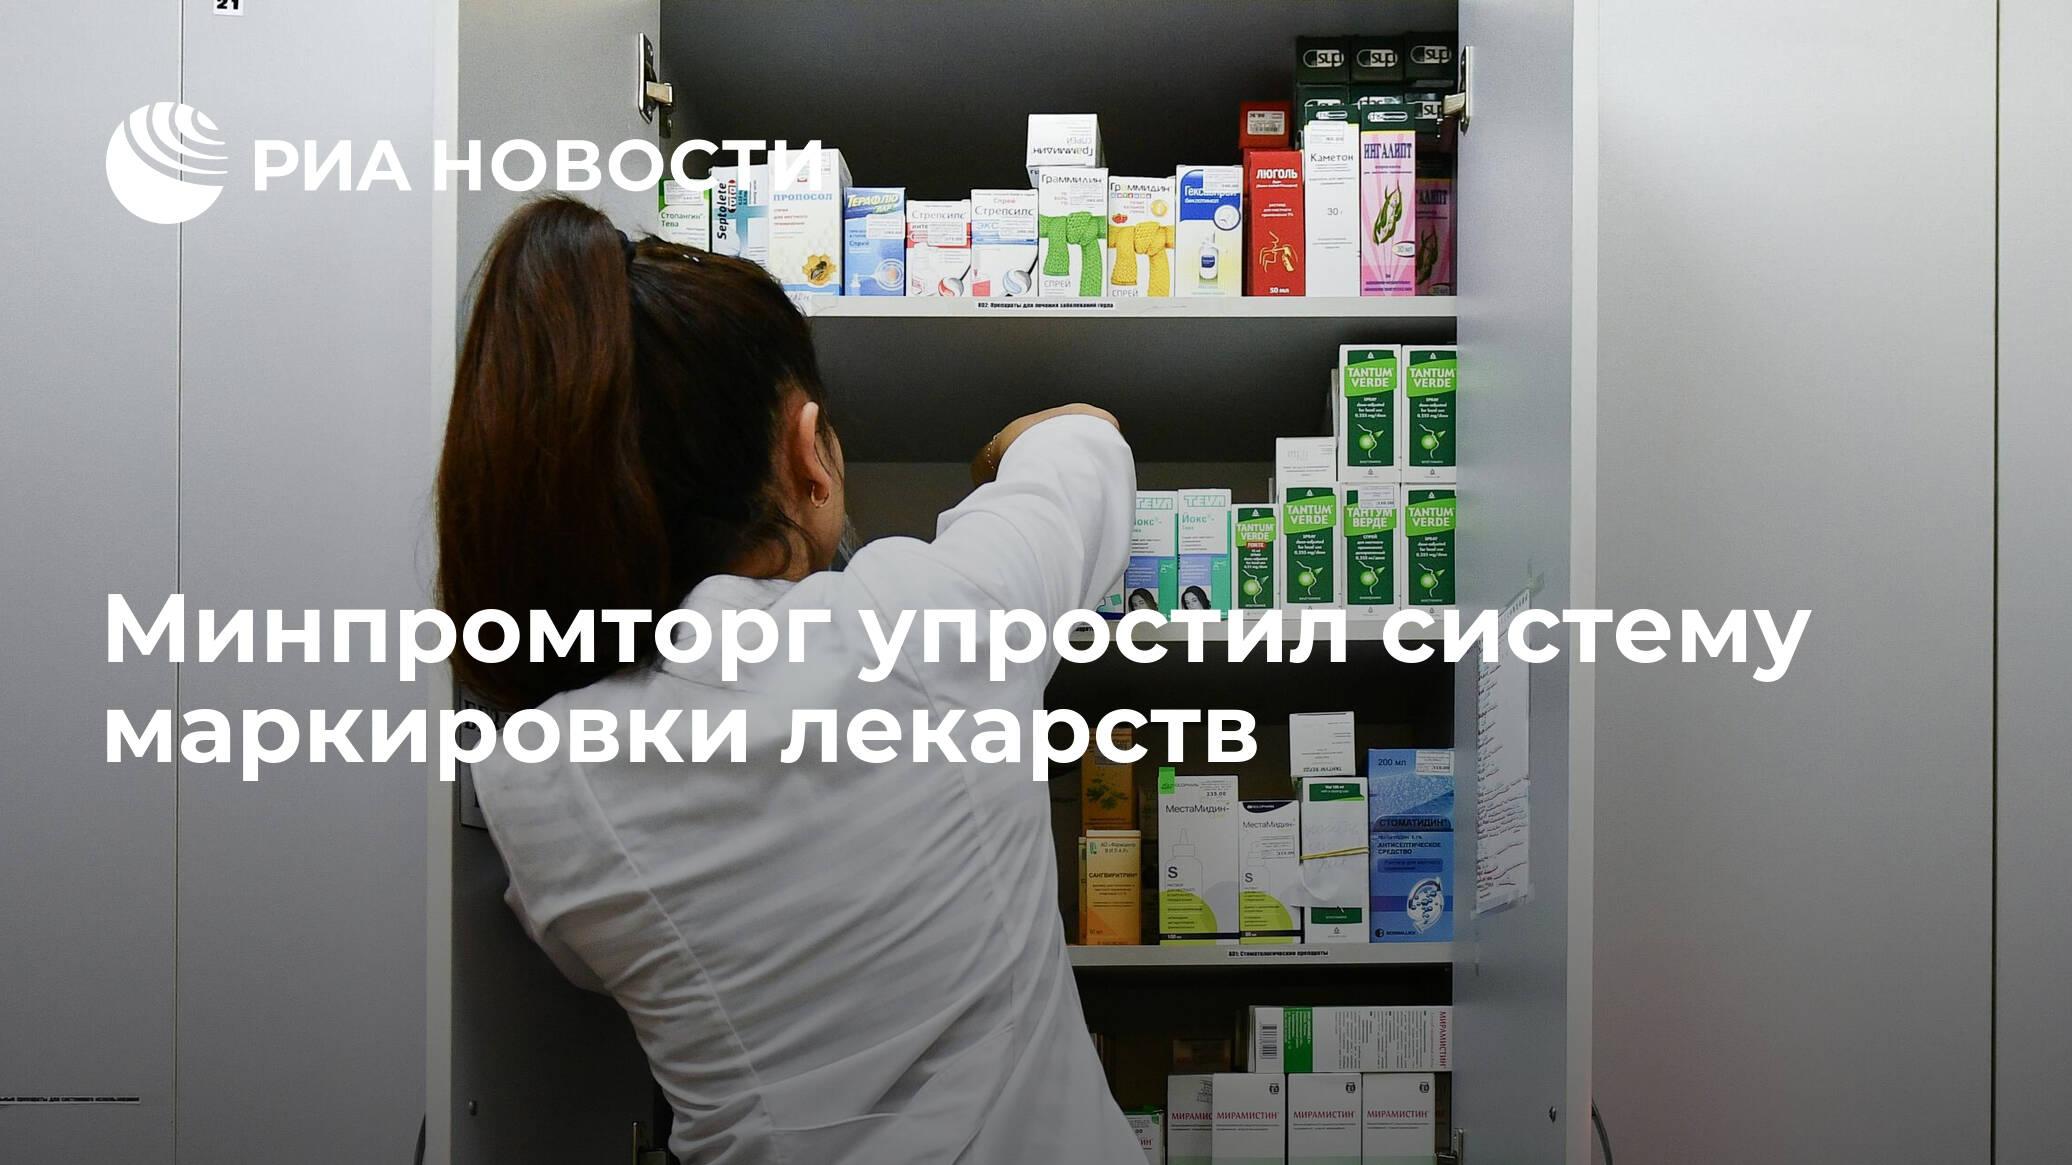 Минпромторг упростил работу системы маркировки лекарств